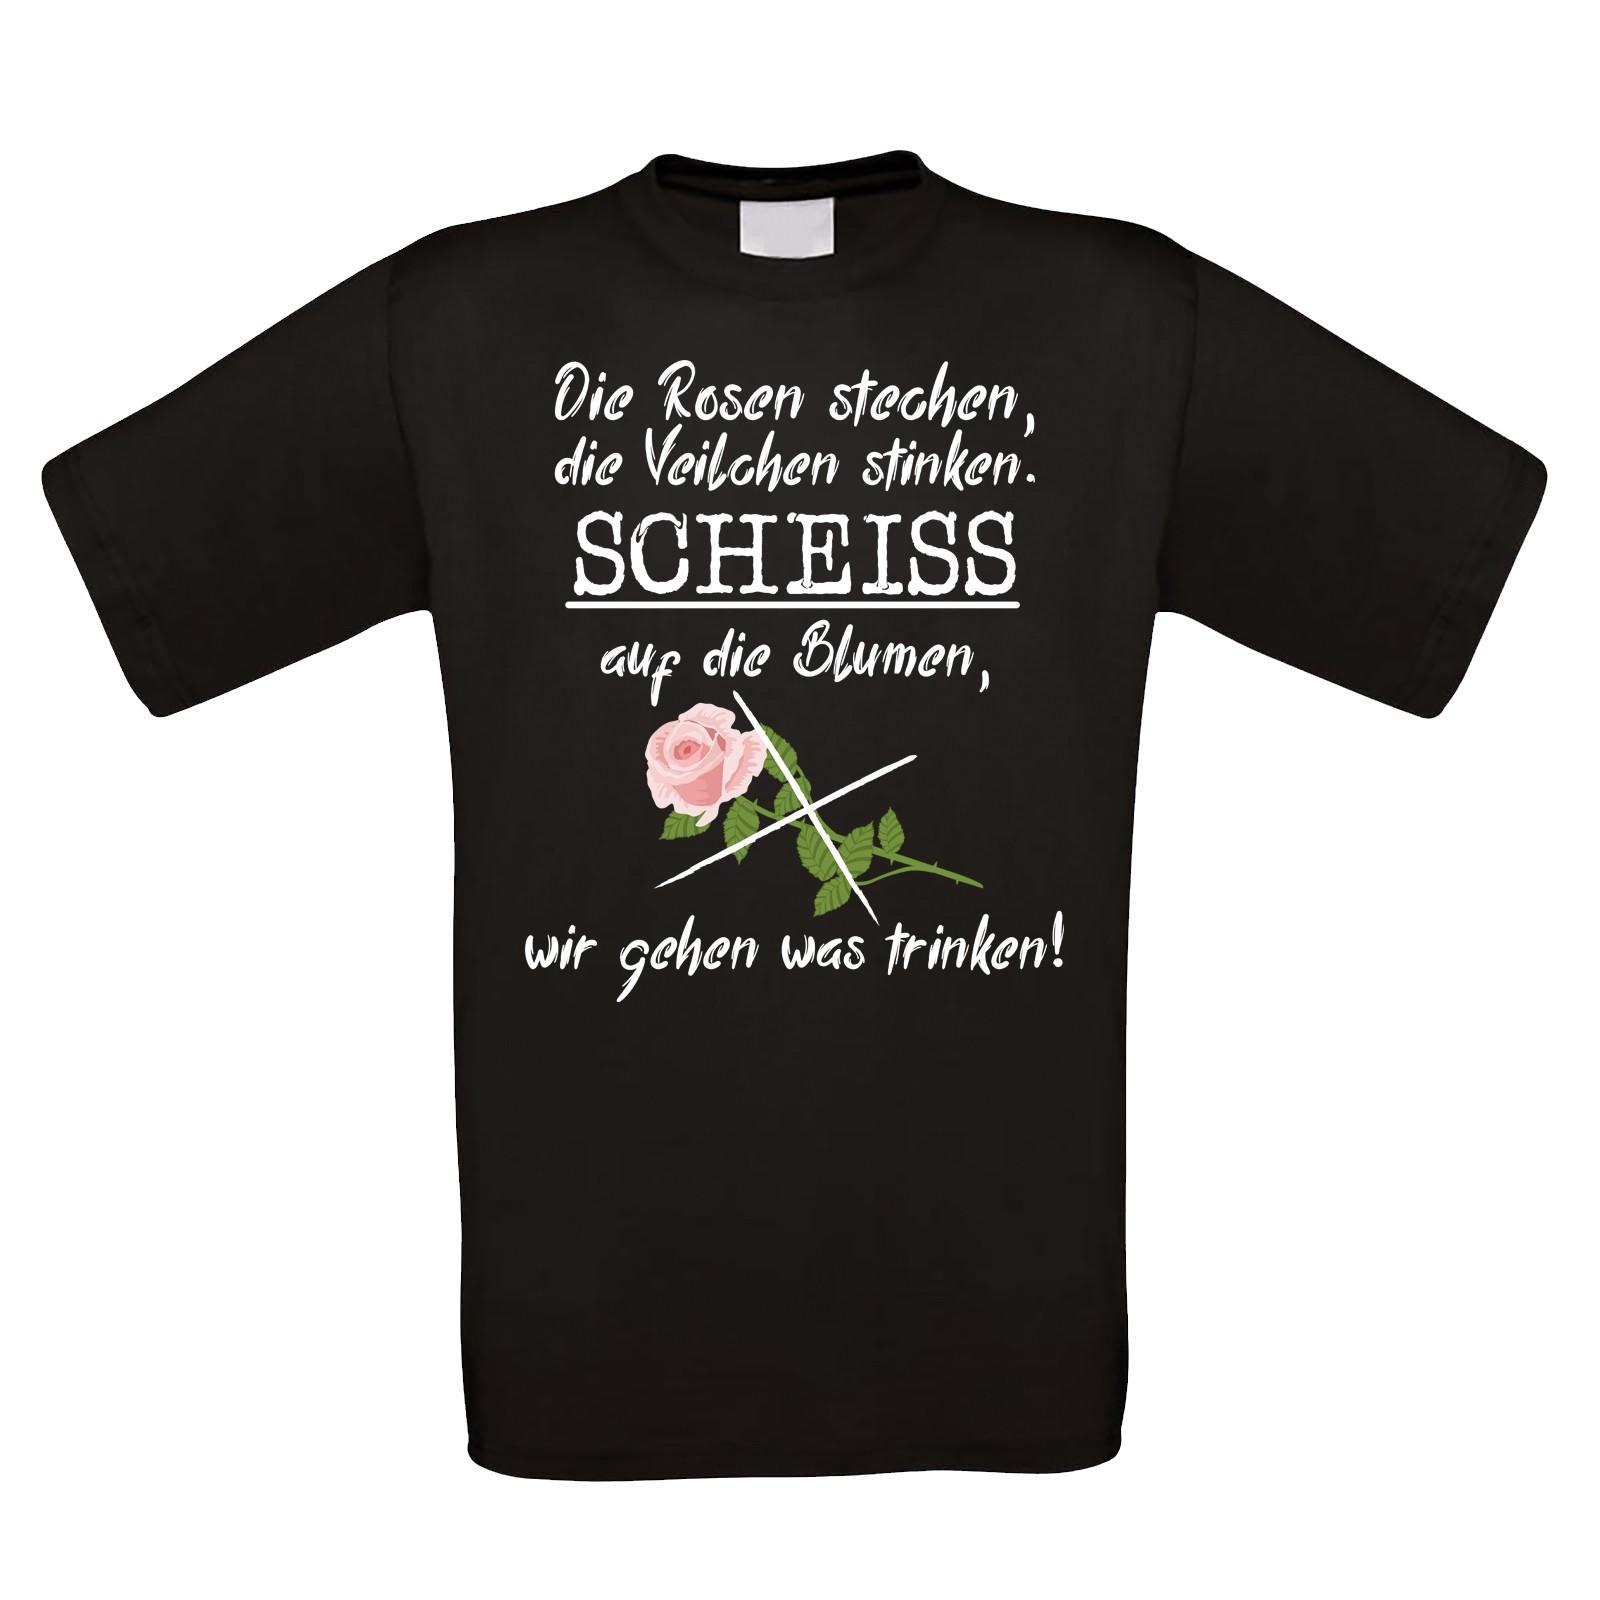 Funshirt oder Tanktop: Die Rosen stechen, die Veilchen stinken......